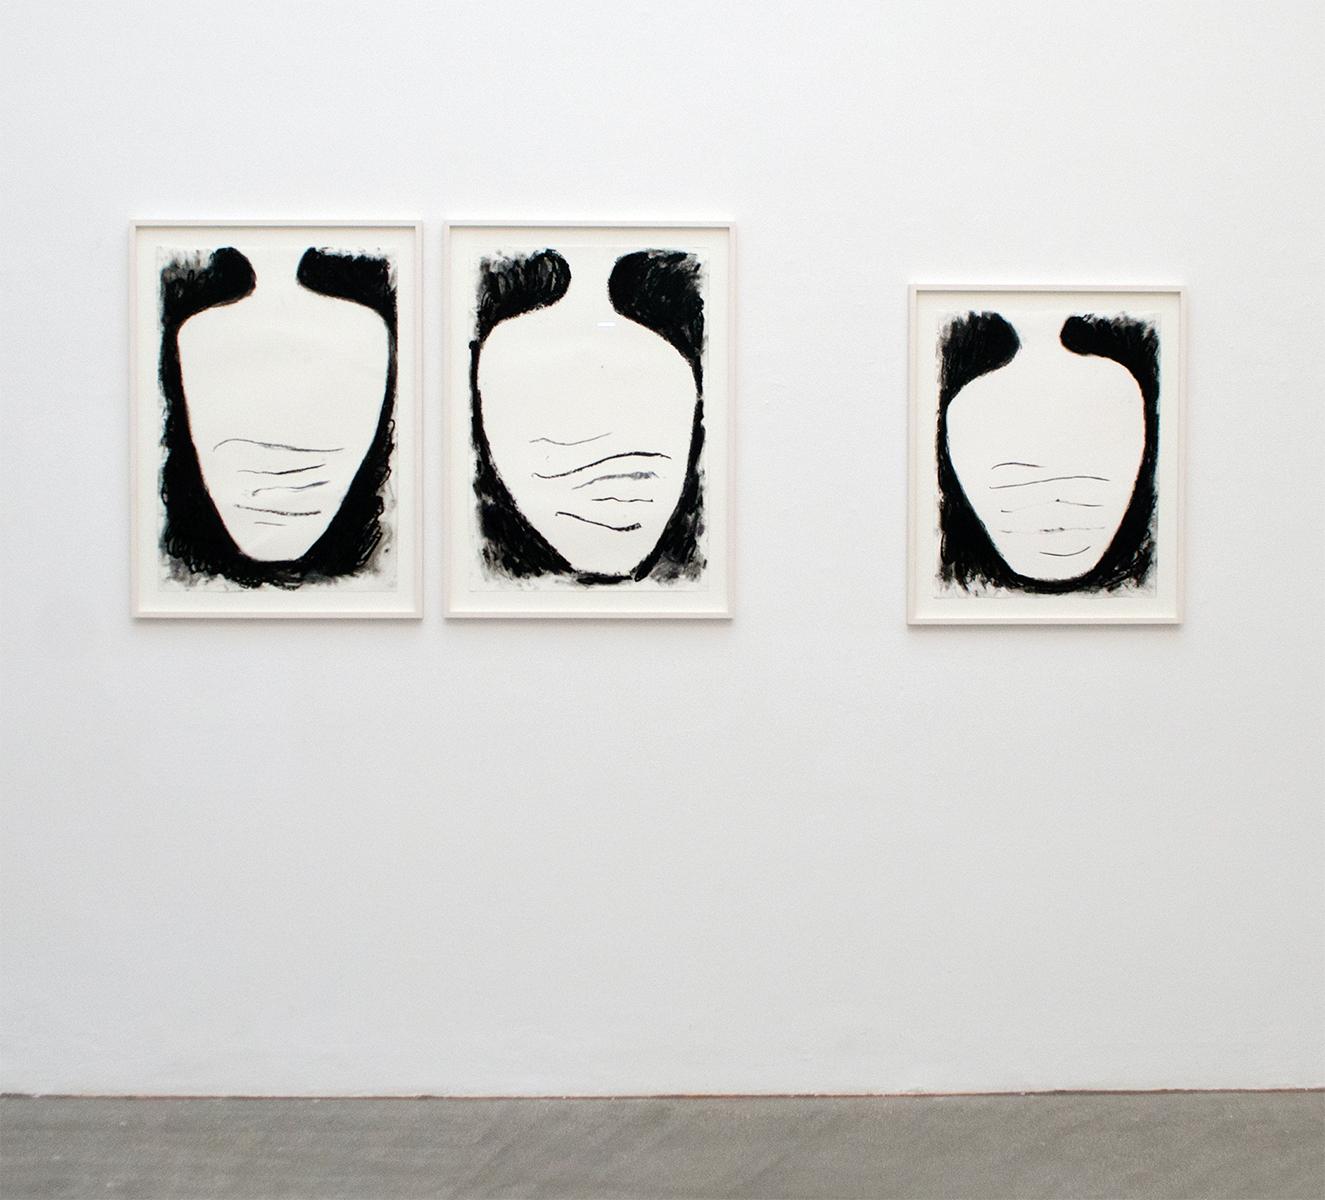 josef zekoff, vase, exhibition view, raum mit lichtt